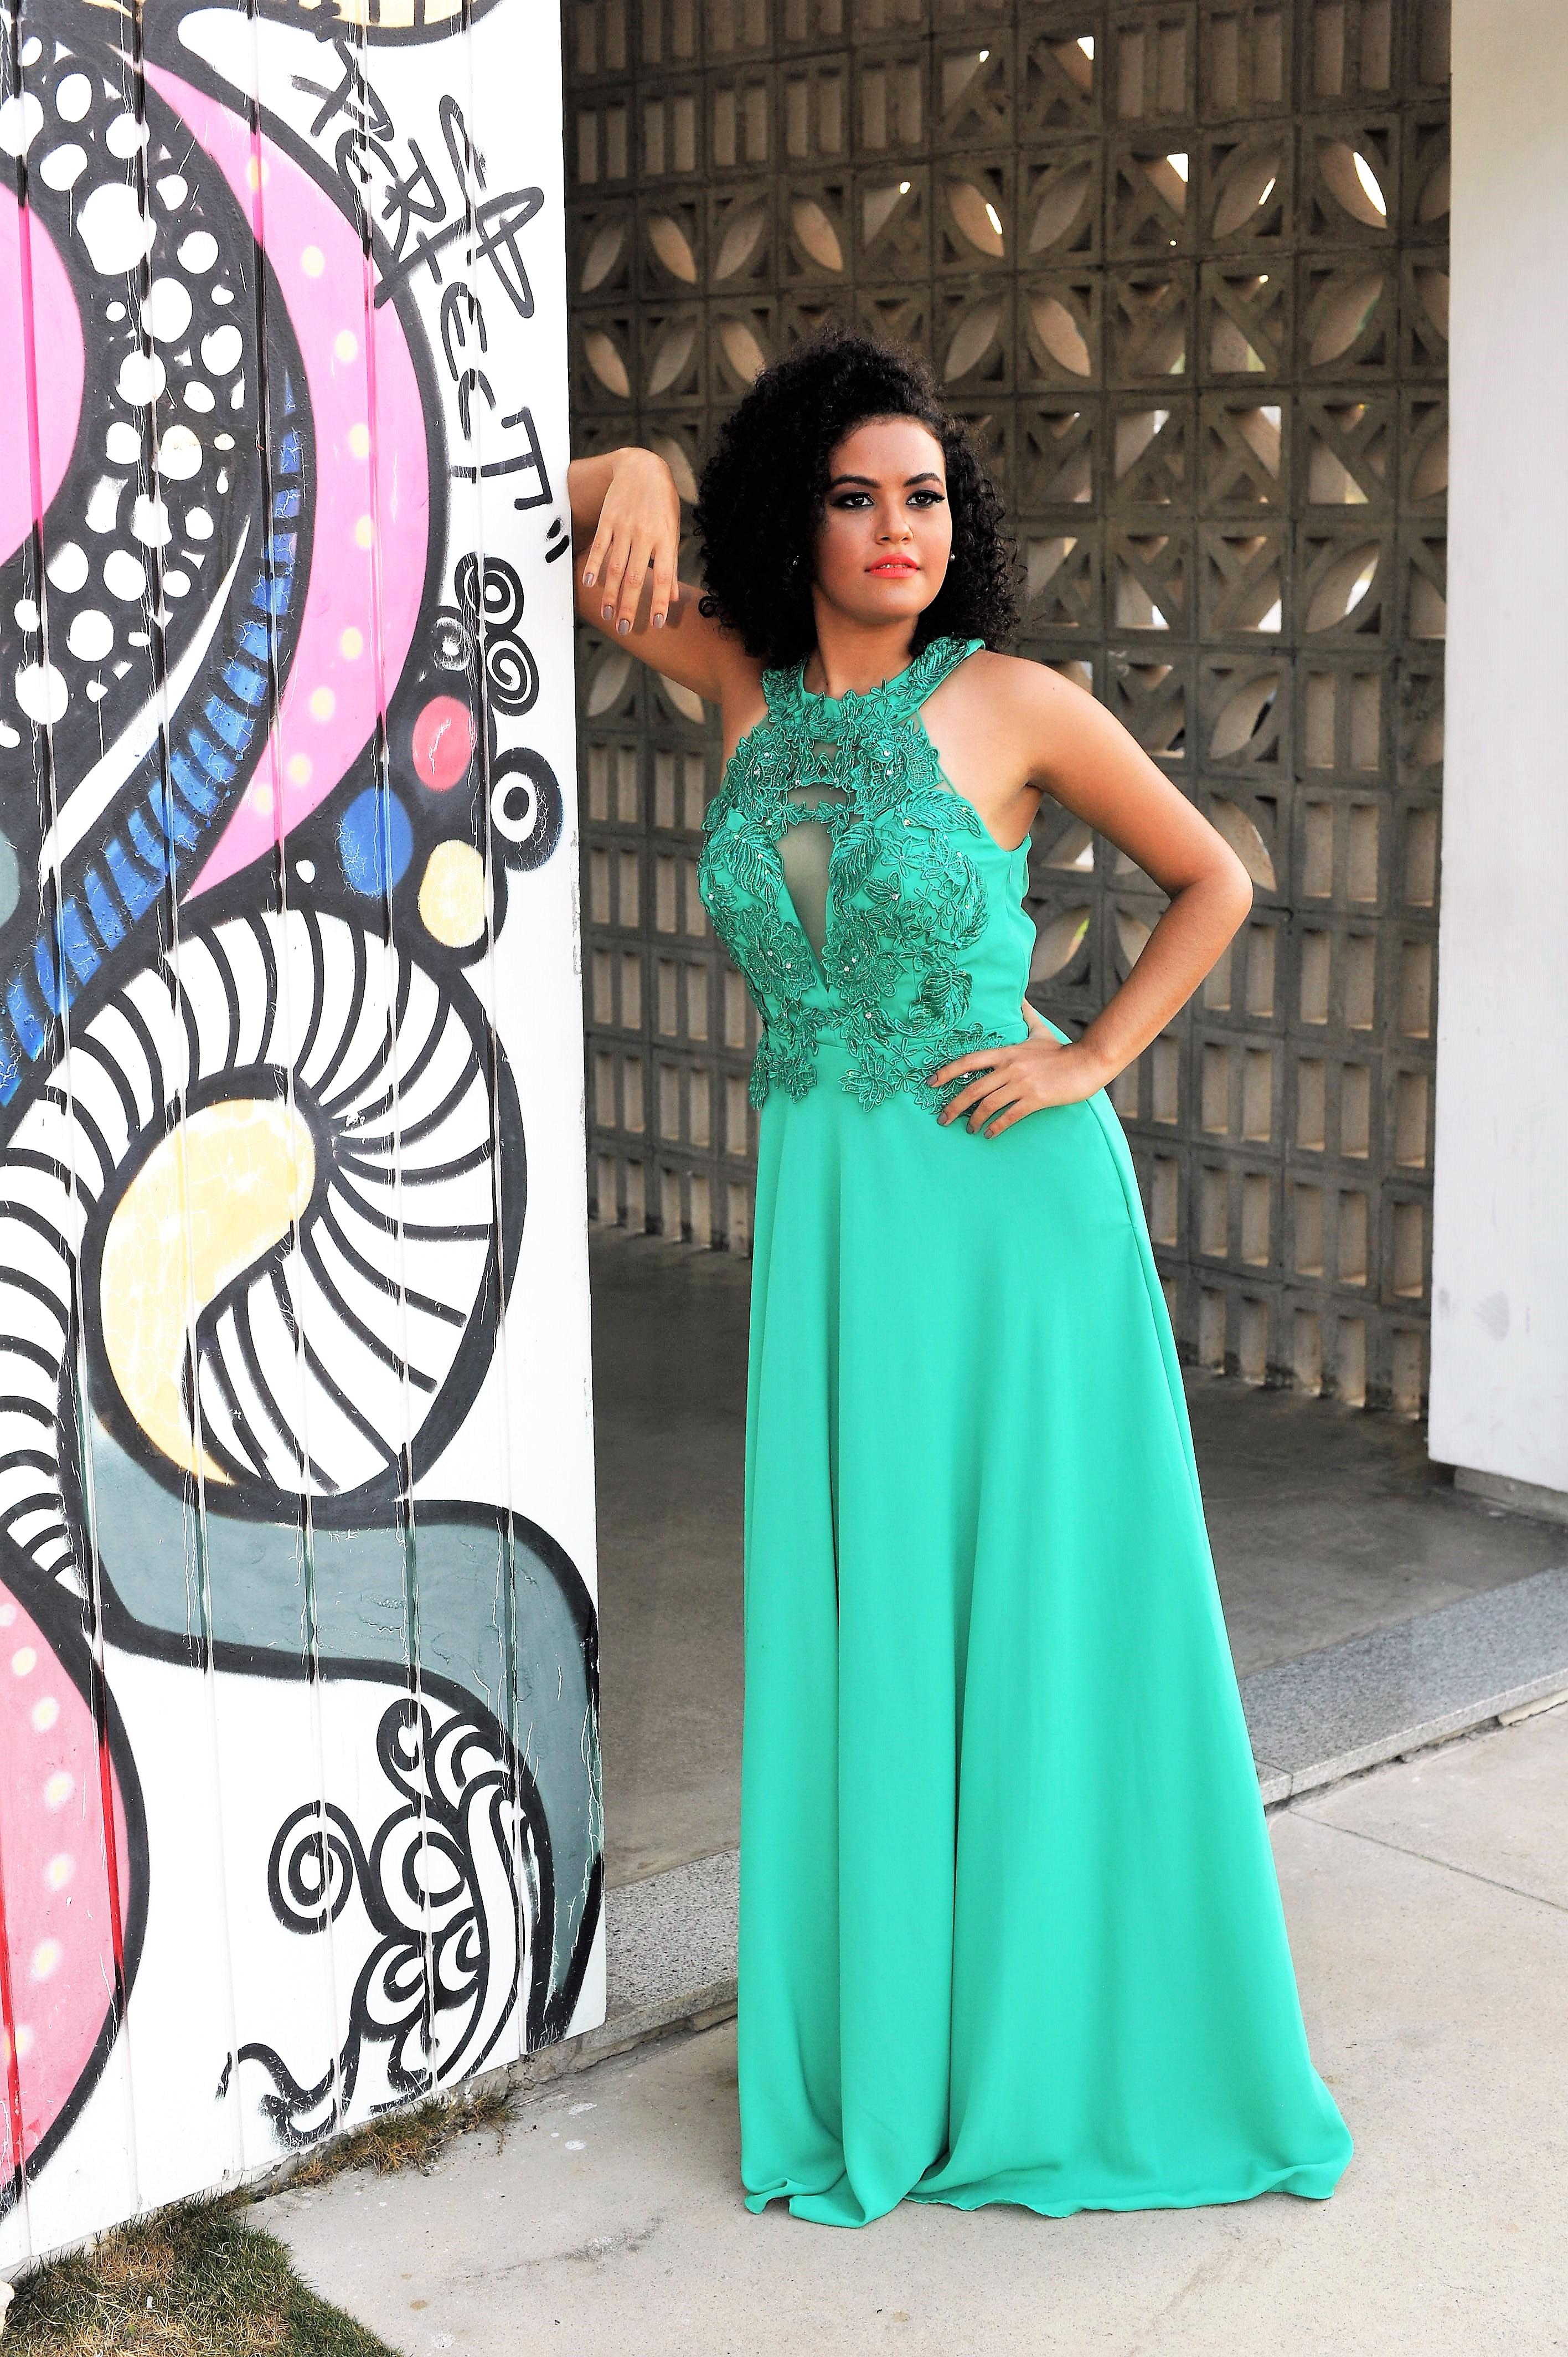 Vestido de Festa Verde Esmeralda Bordado - Fino Traje Moda Festa